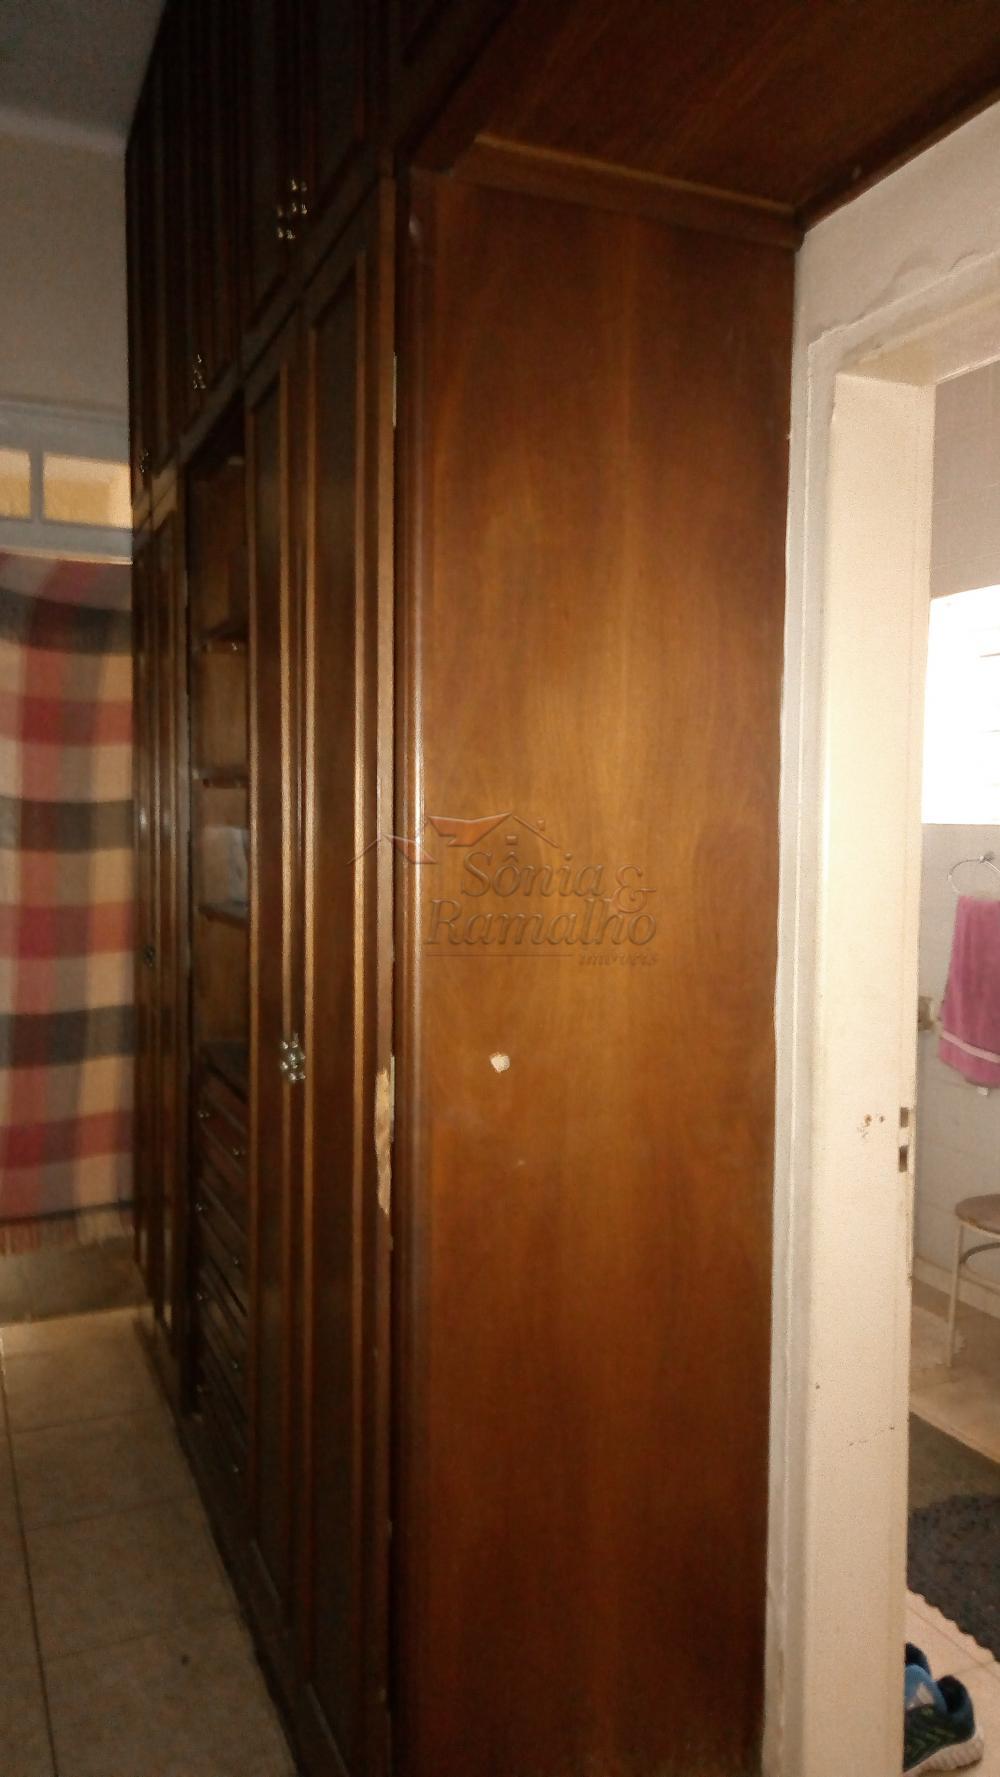 Comprar Casas / Padrão em Ribeirão Preto R$ 700.000,00 - Foto 7